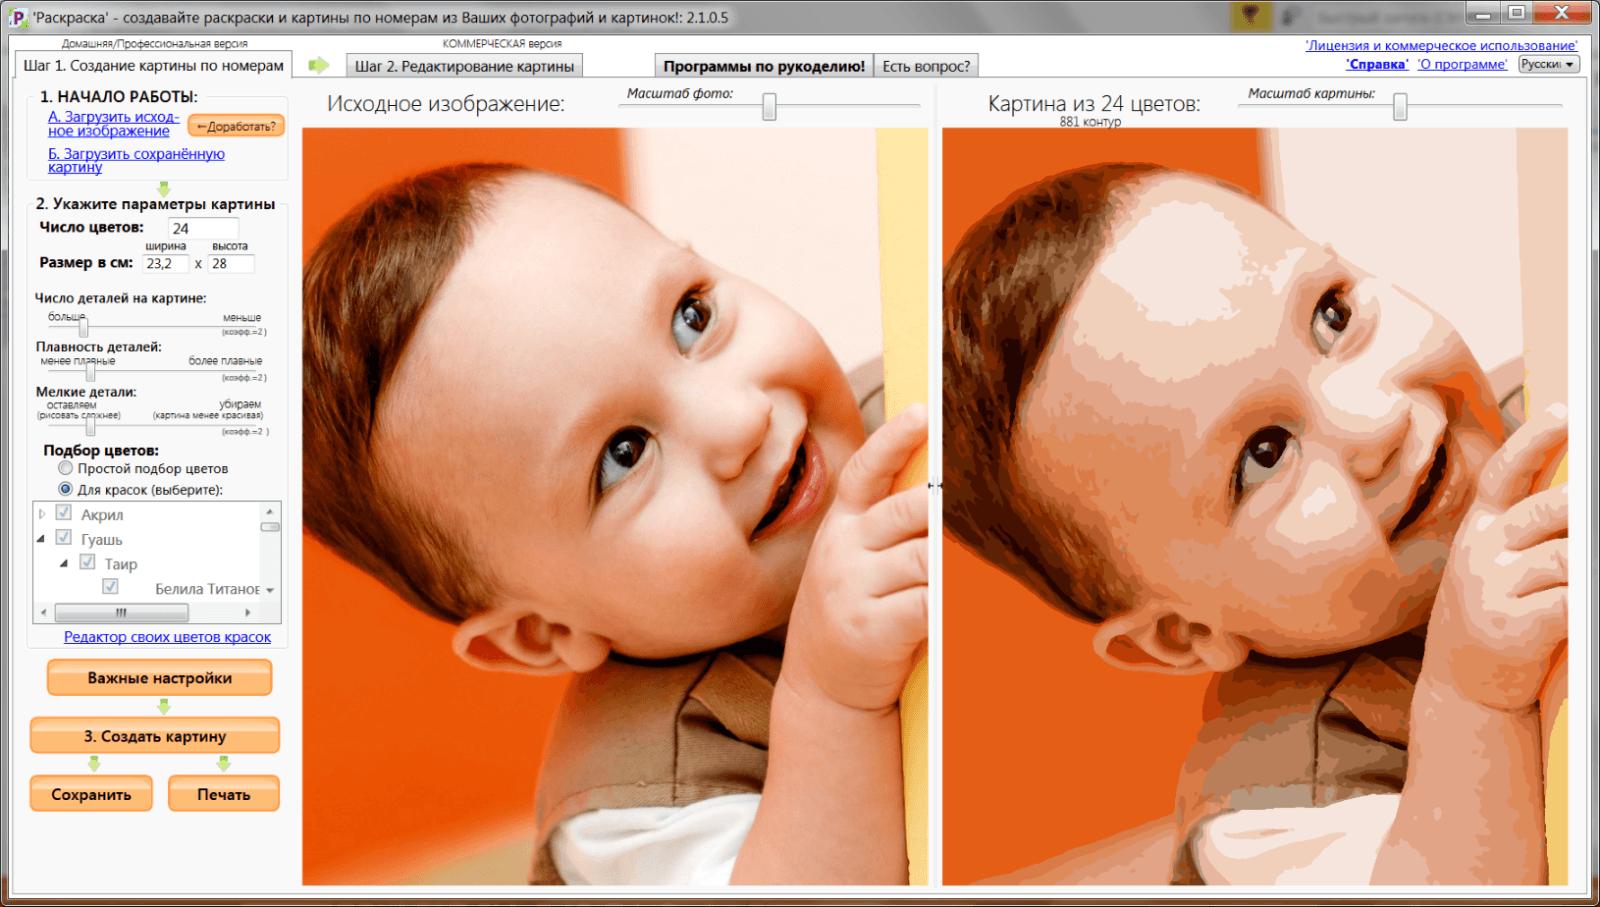 Интерфейс Раскраски после создания картины по номерам